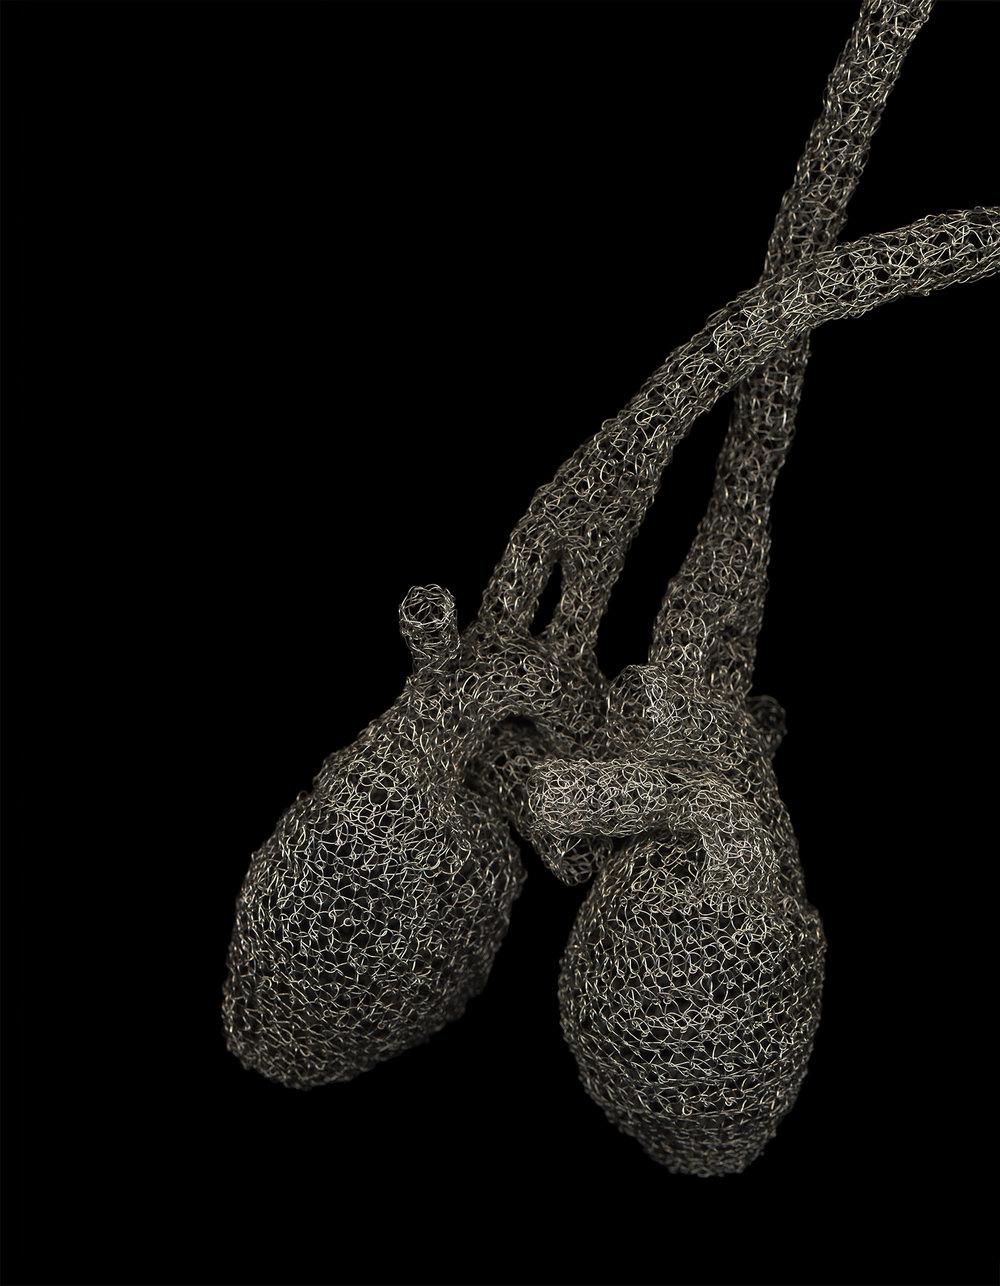 Ceres-Anne Mondro-_Cargiver_-11_x14_-digital print-2013-$600.00.jpg